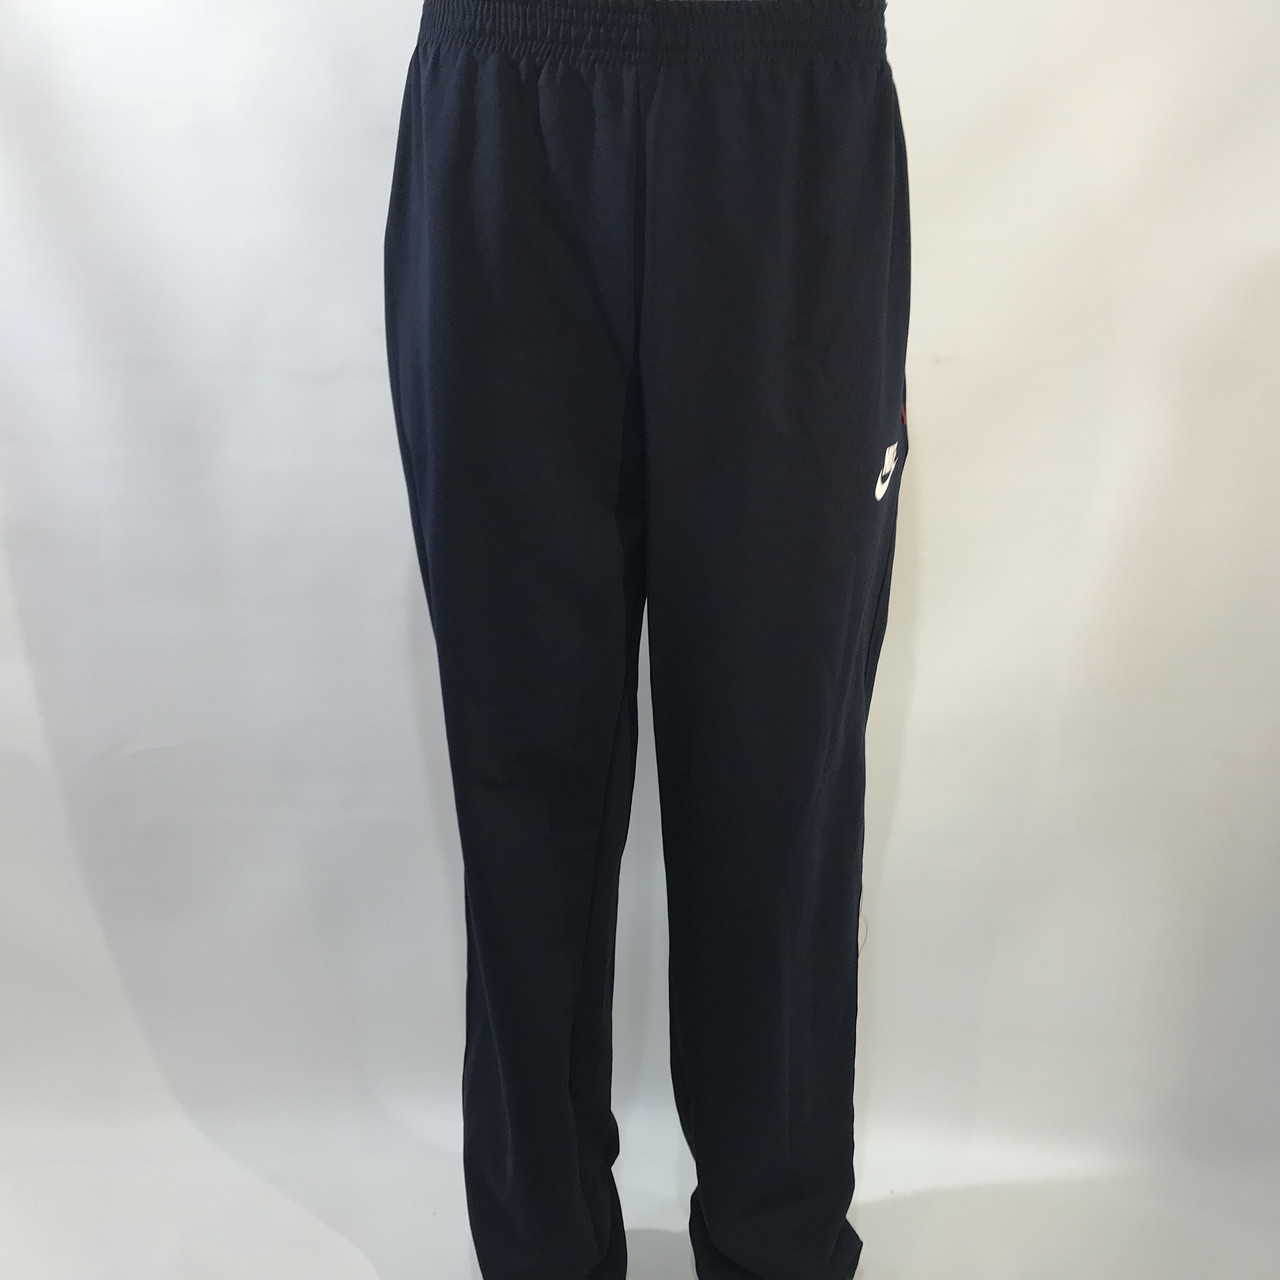 Спортивные штаны прямые в стиле Nike (большой размер) темно-синие